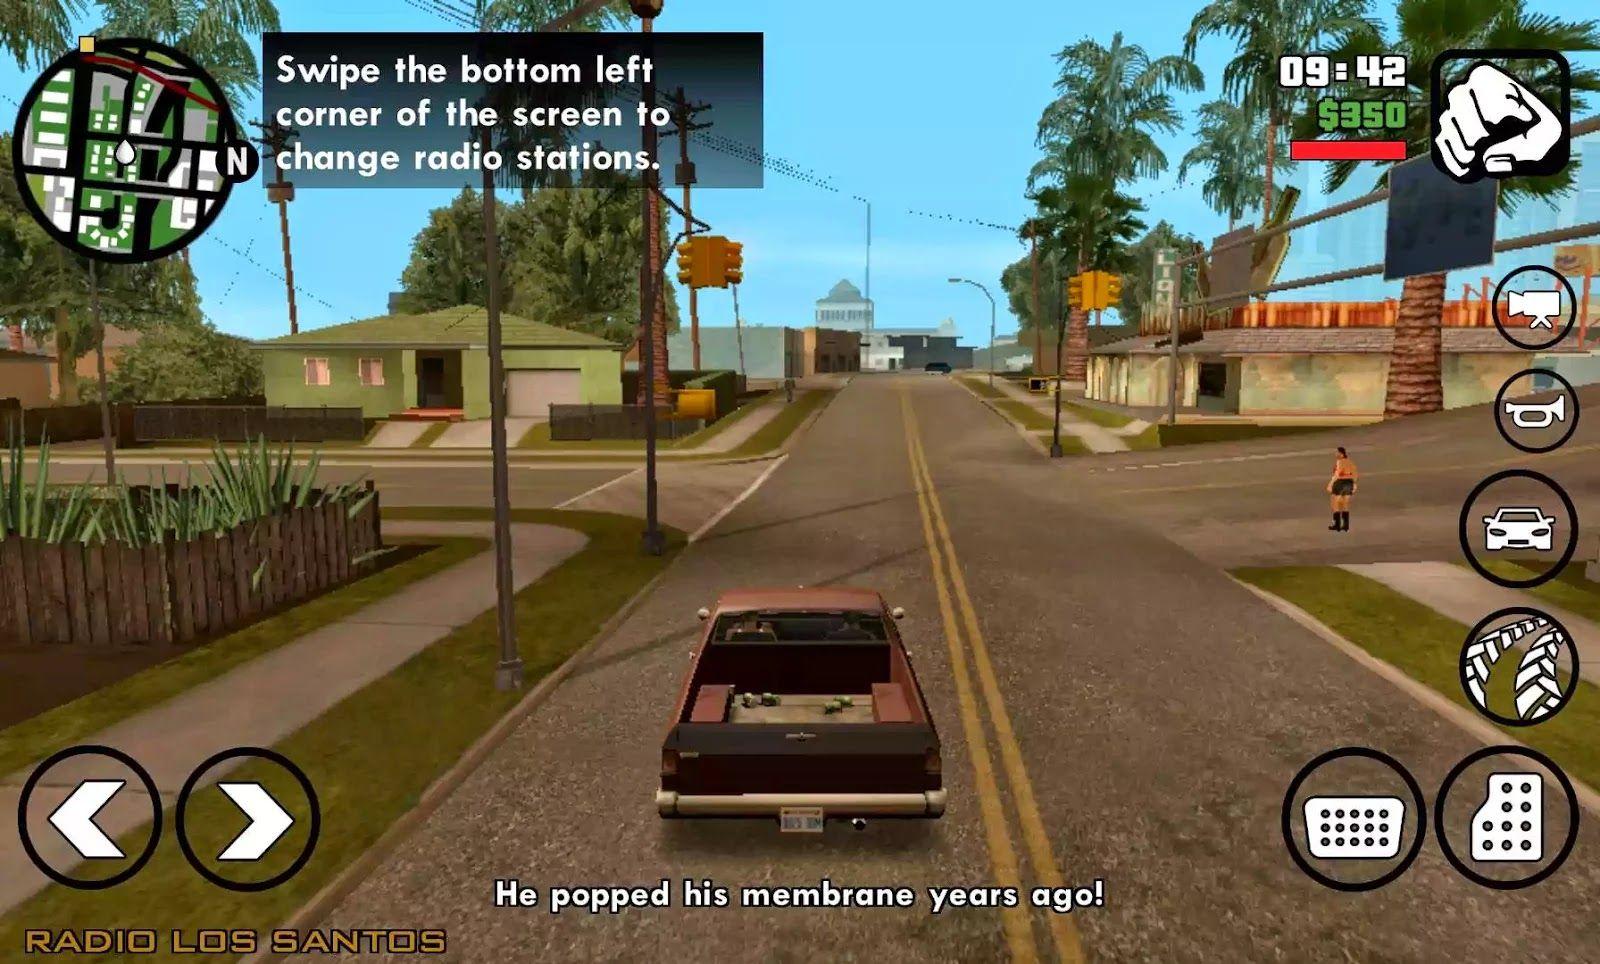 Download Grand Theft Auto: San Andreas 1 08 Apk Mod | mega